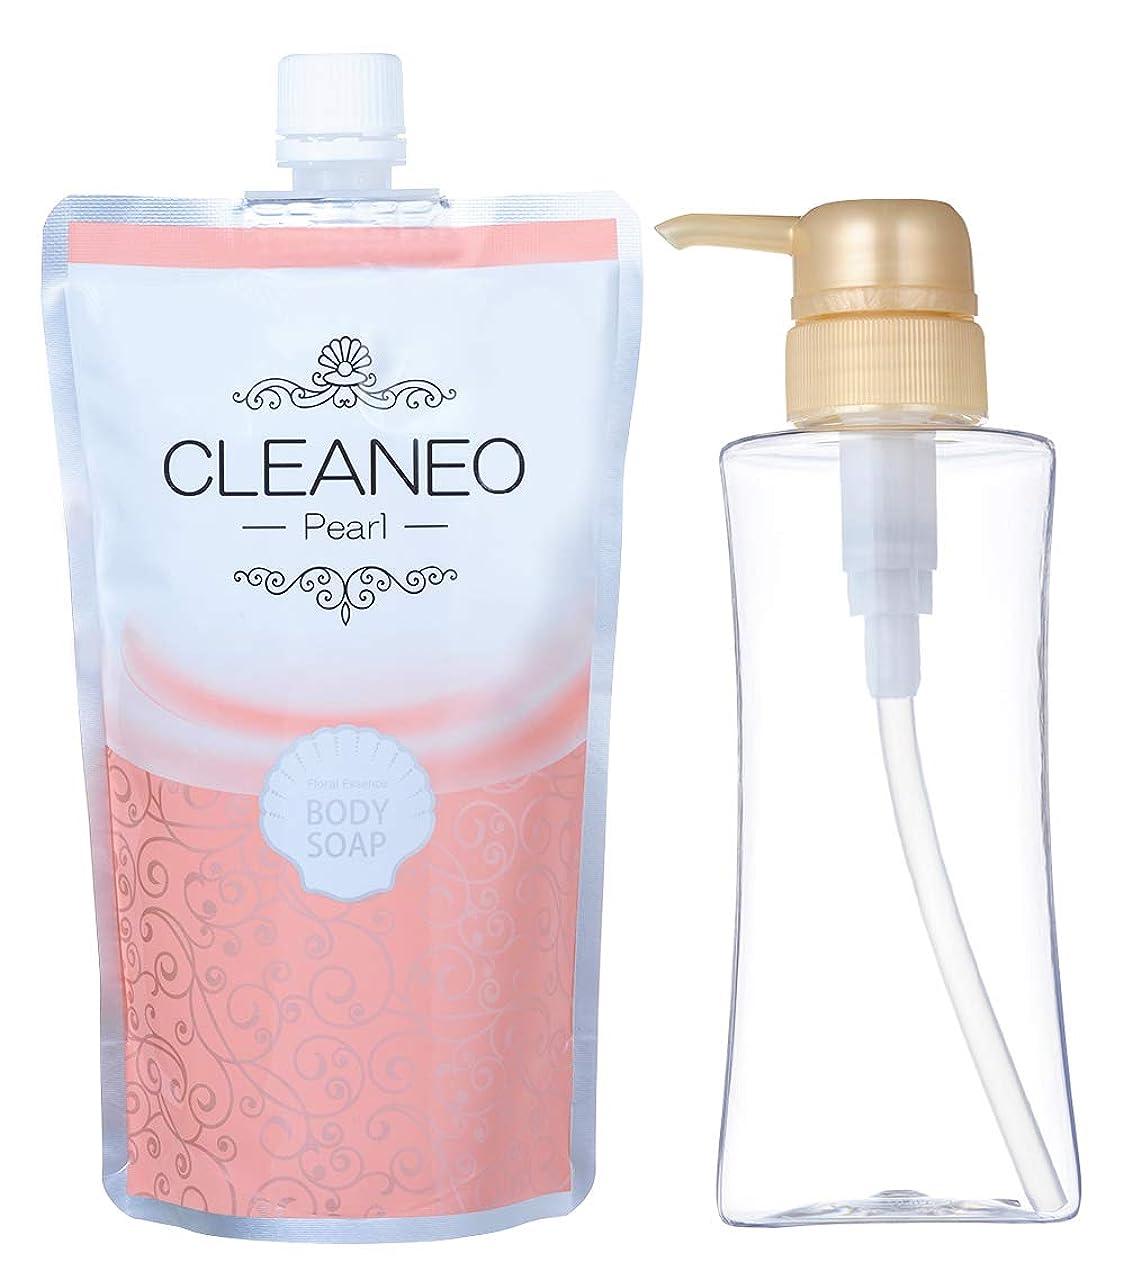 祈るもちろん却下するクリアネオ公式(CLEANEO) パール オーガニックボディソープ?透明感のある美肌へ(詰替300ml+専用ボトルセット)